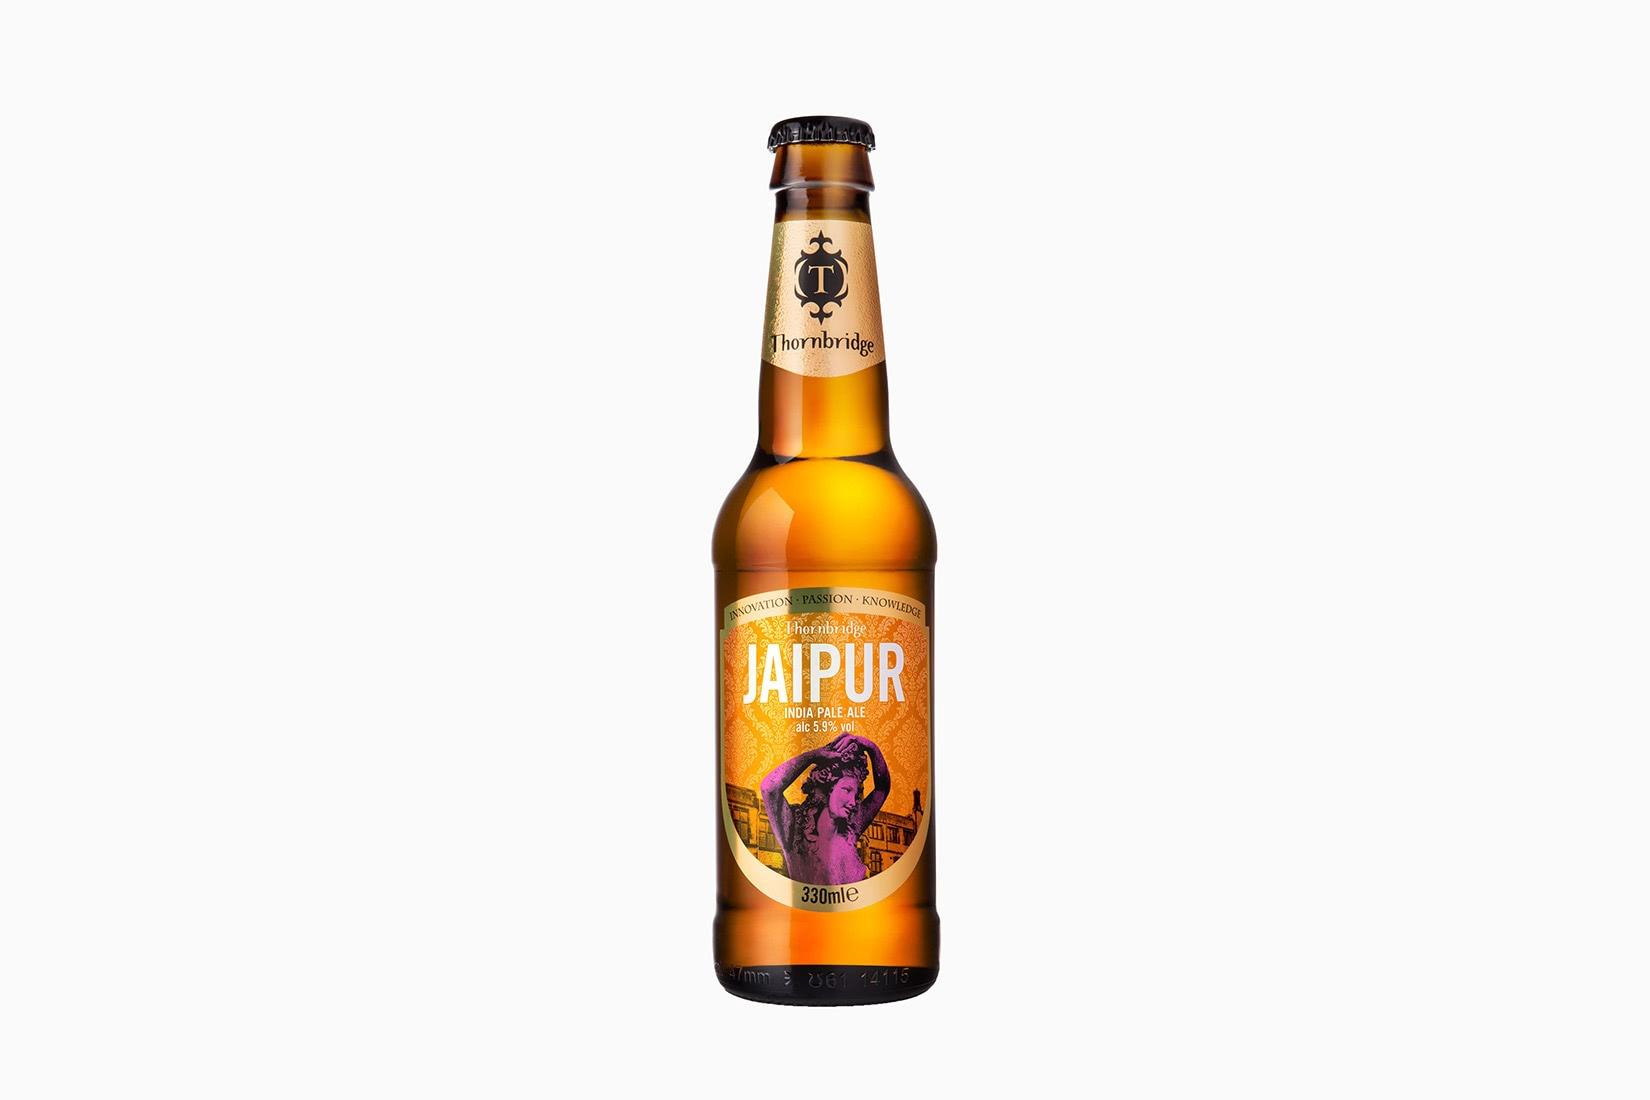 best beer brands thornbridge jaipur IPA - Luxe Digital